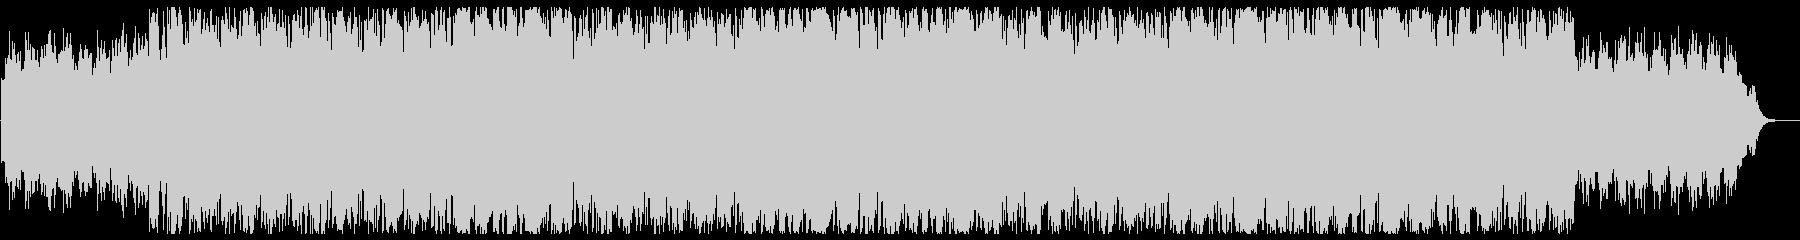 幻想的で和風メローな三味線サウンドの未再生の波形